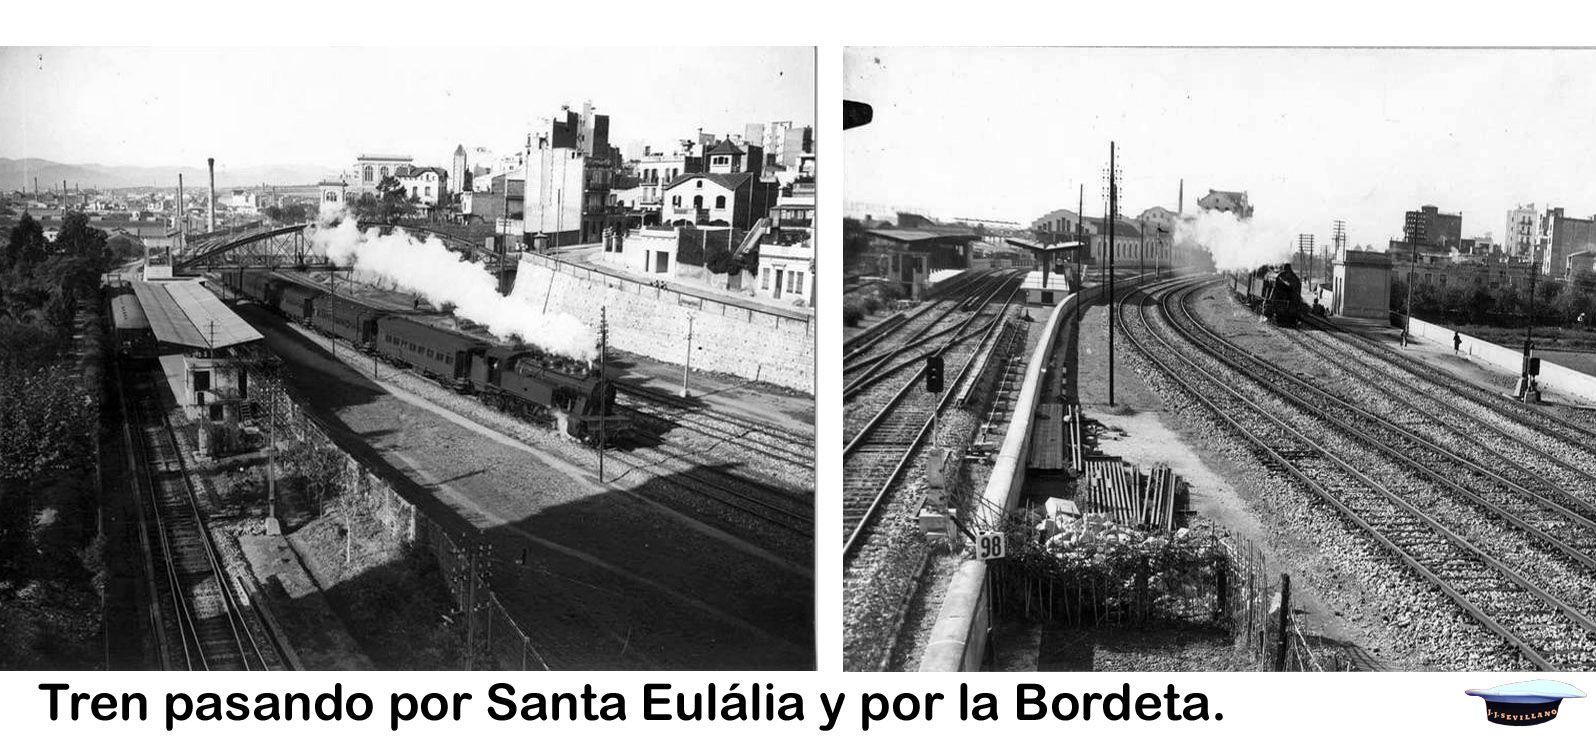 Tren Pasando Por Santa Eulália Y Por La Bordeta Estación De Metro Fuera De Servicio Desde 1983 Locomotora De R Estación De Metro Estacionamiento Locomotora